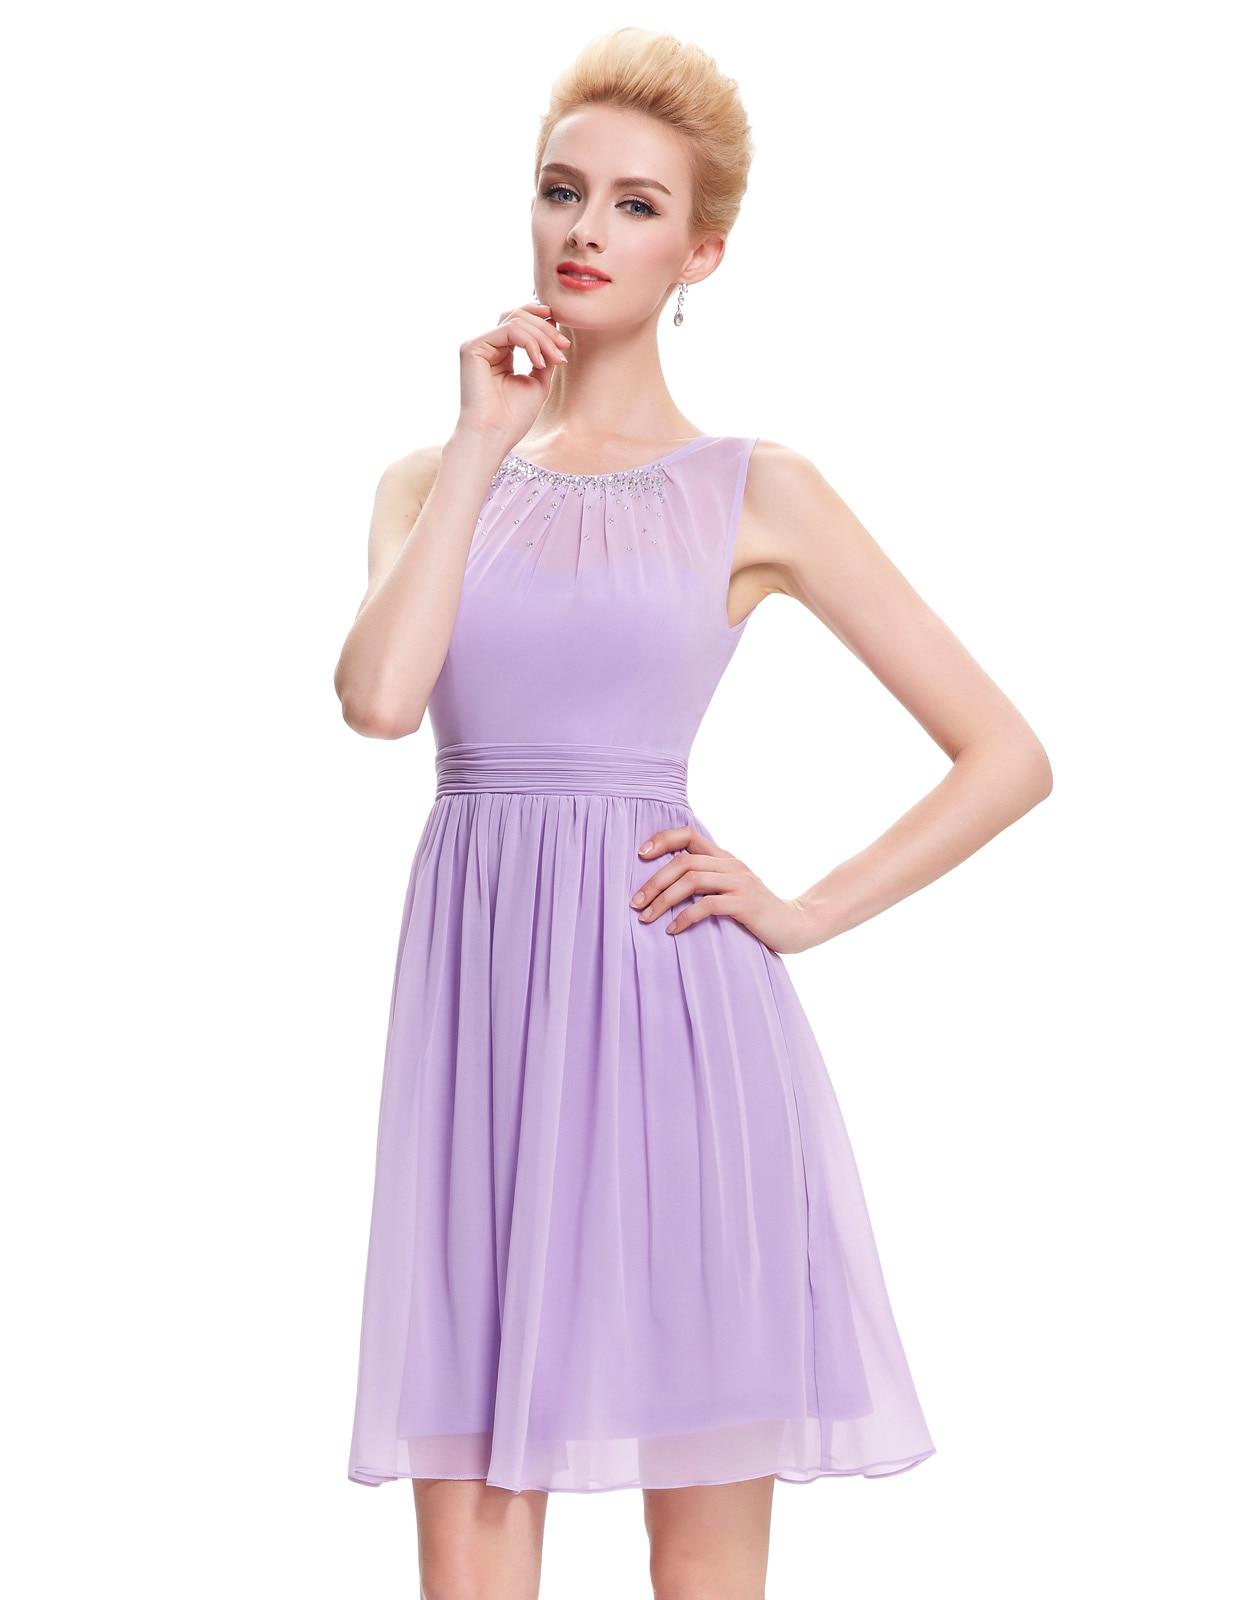 Pas cher lavande de demoiselle d 39 honneur robes achetez des lots petit prix pas cher lavande de - Pied de lavande pas cher ...